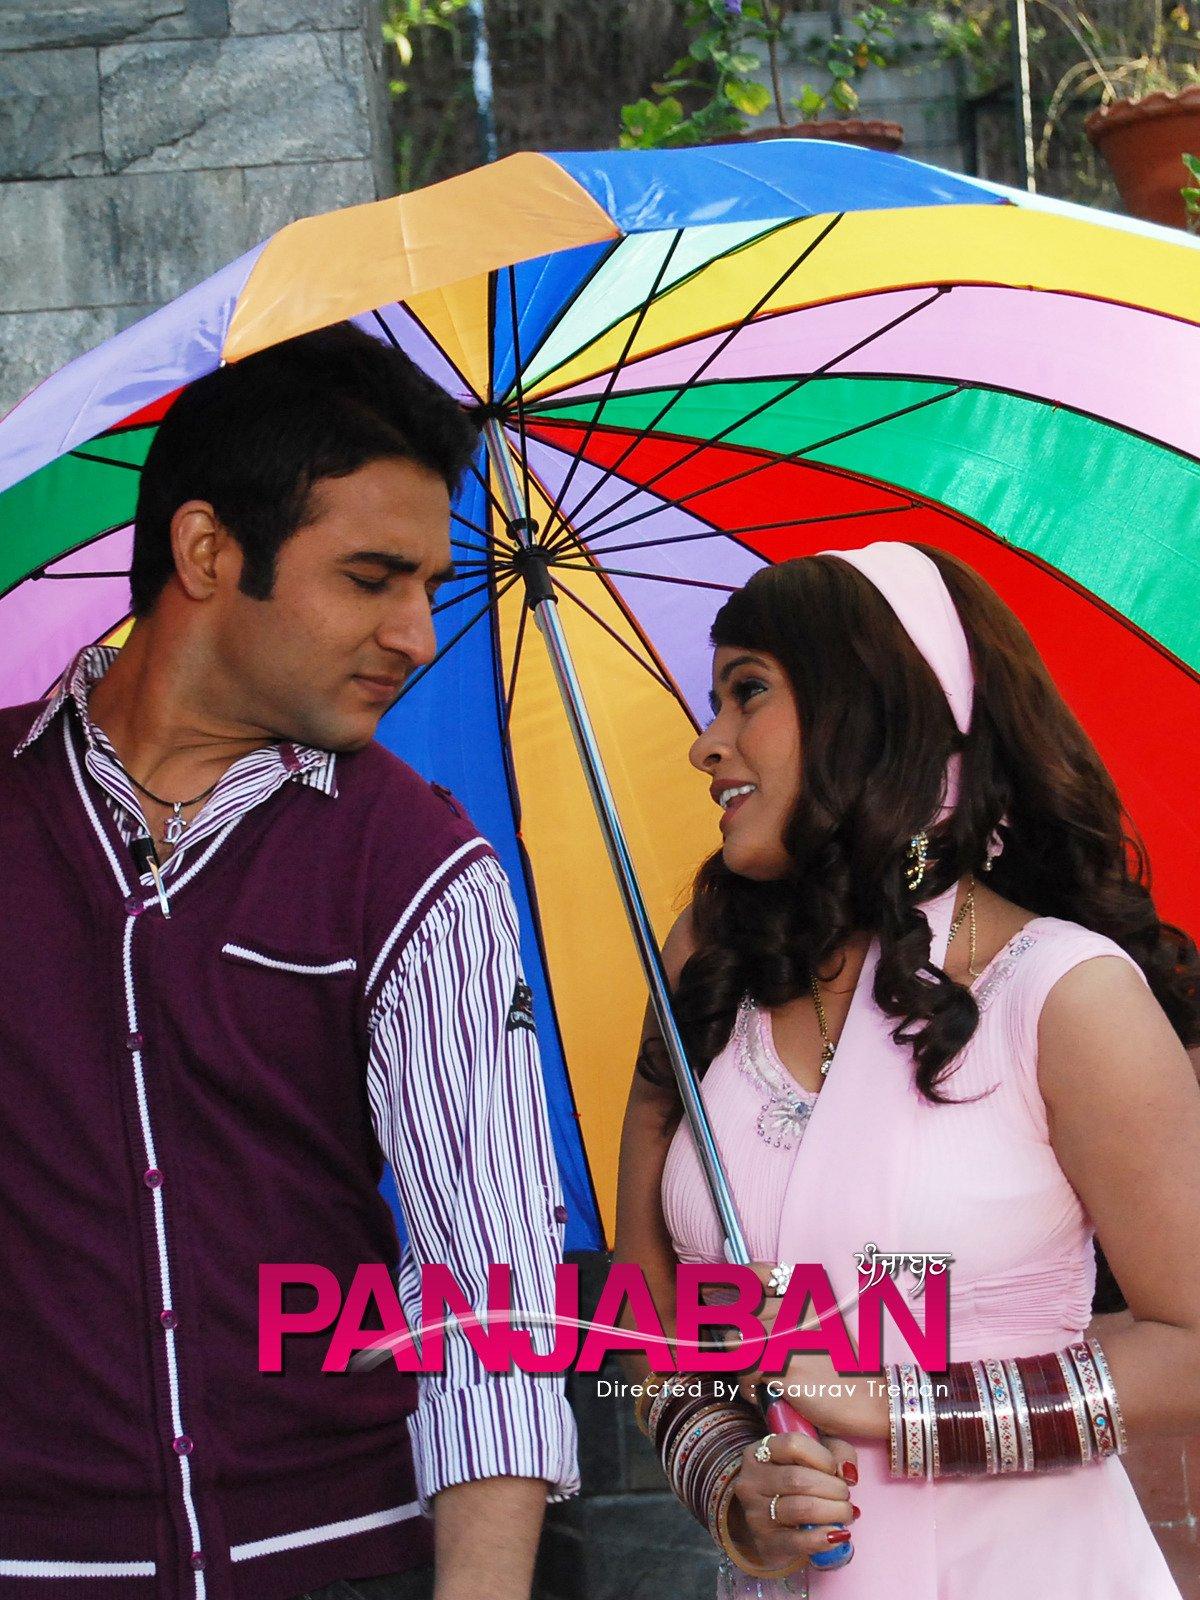 Panjaban